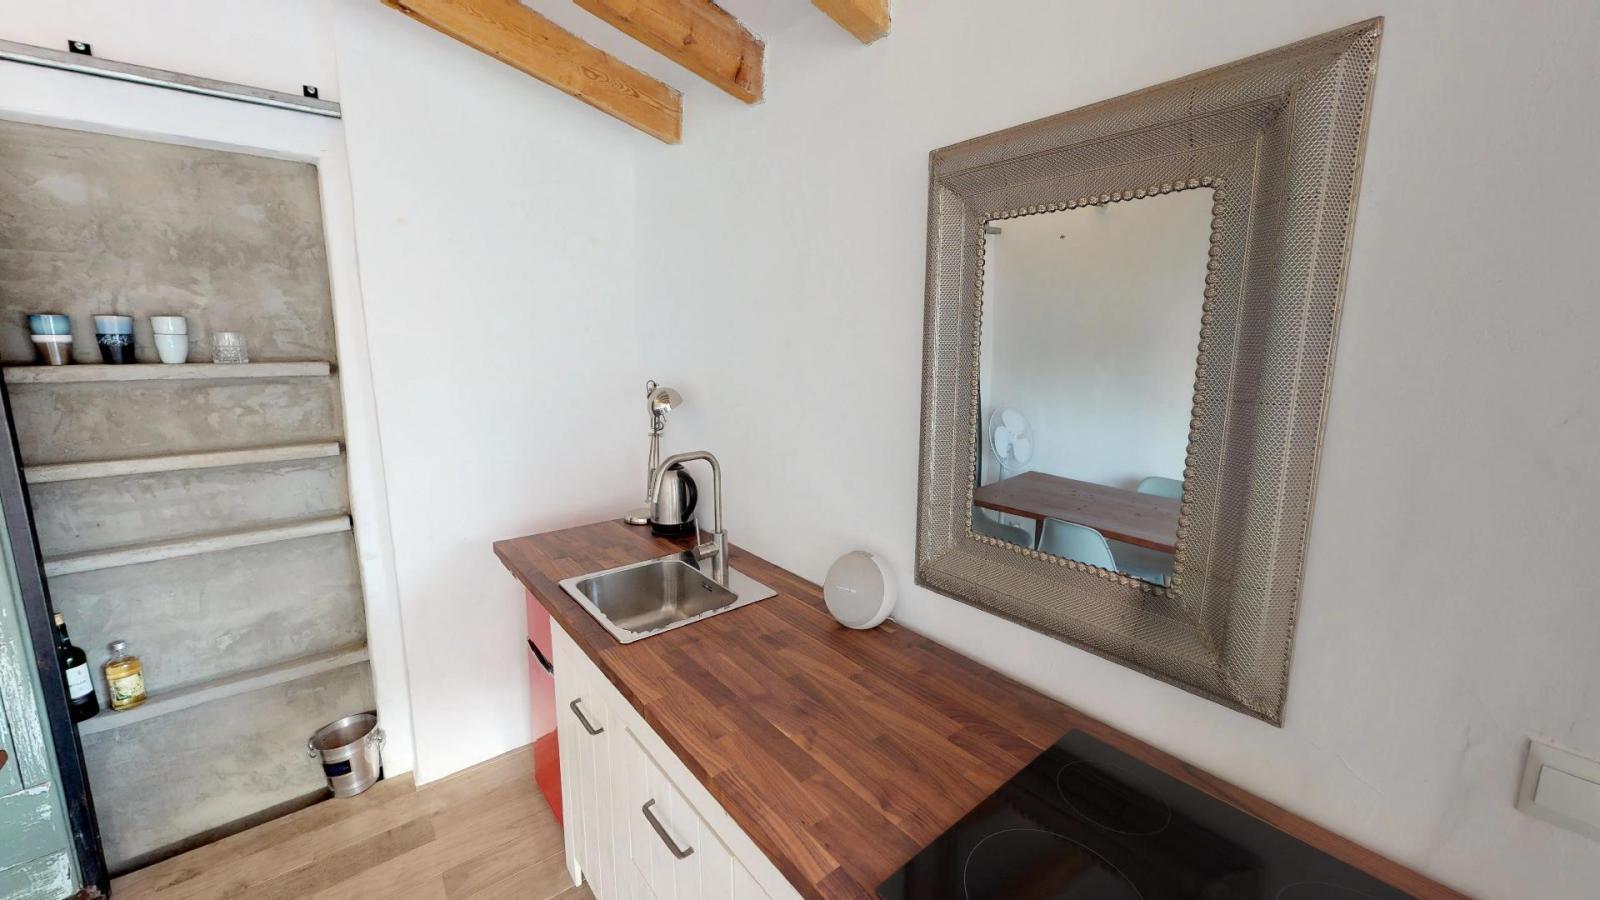 39564418 3303414 foto 790087 - Vida al aire libre en esta encantadora casa de pueblo en Velez-Málaga